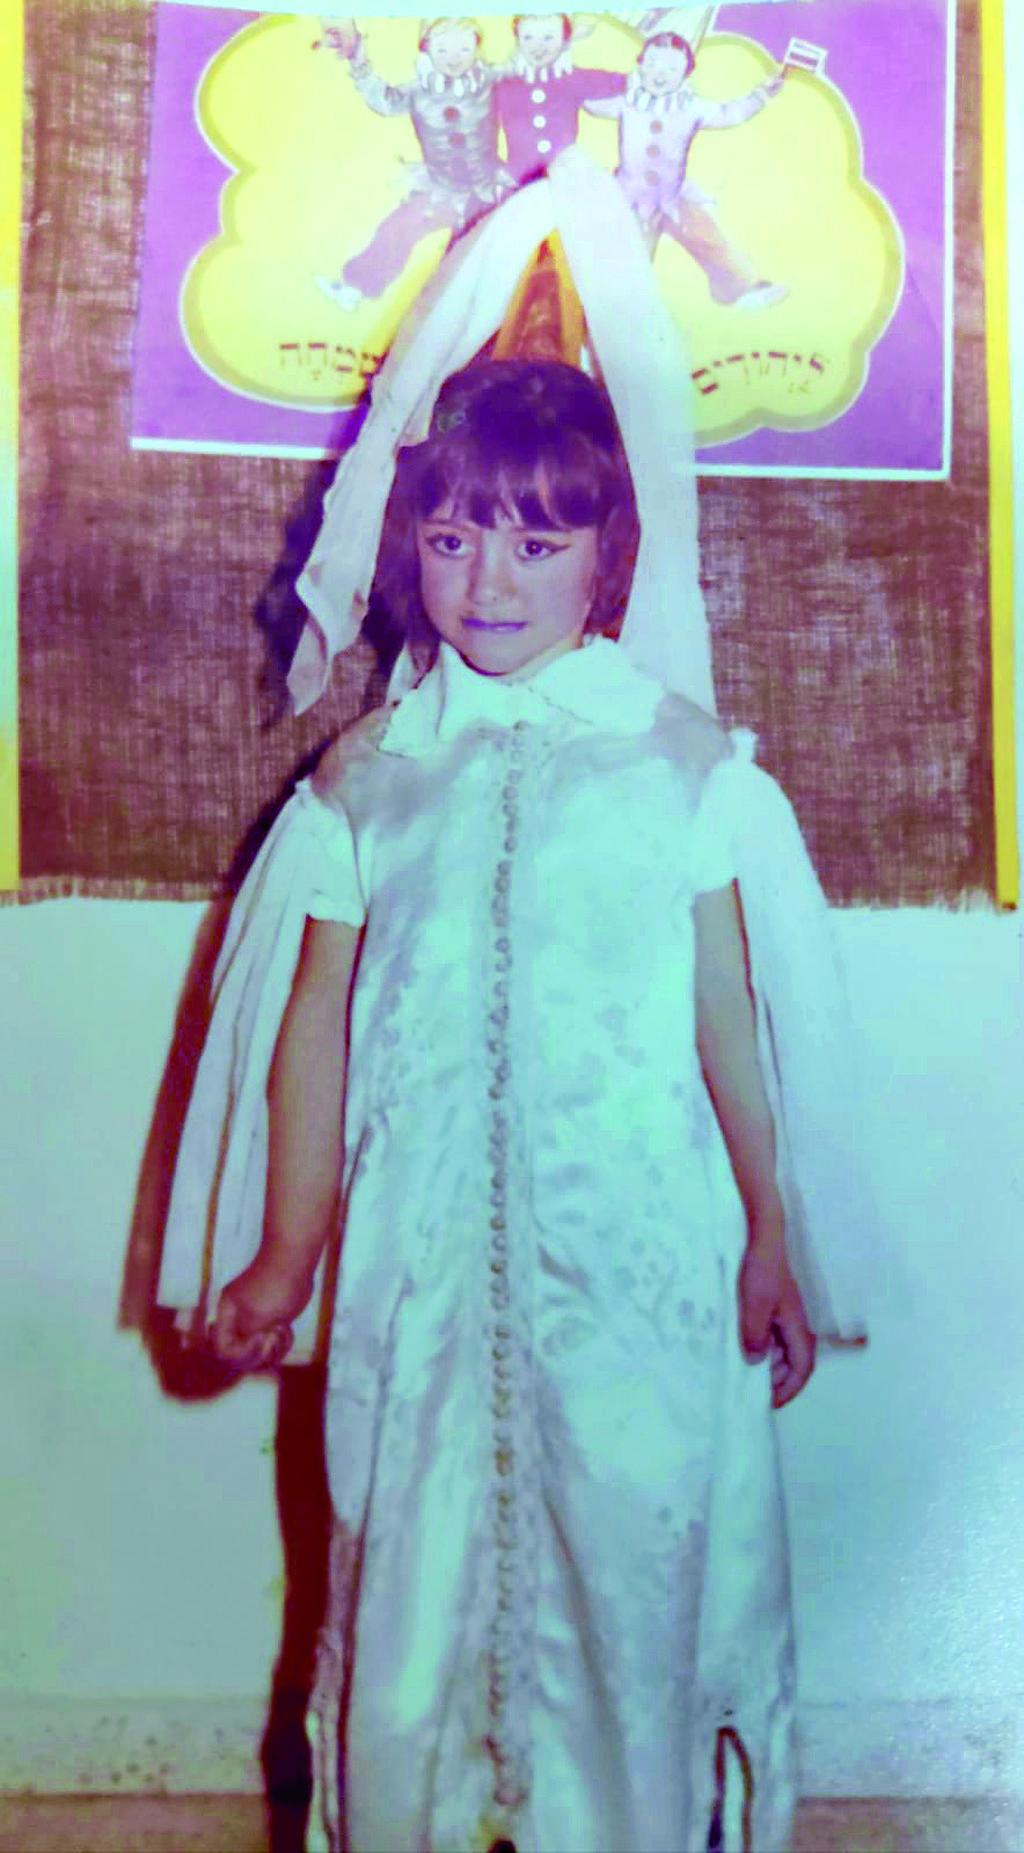 סוזי בן הרוש. צילום פרטי (גיליון 15.03.19)